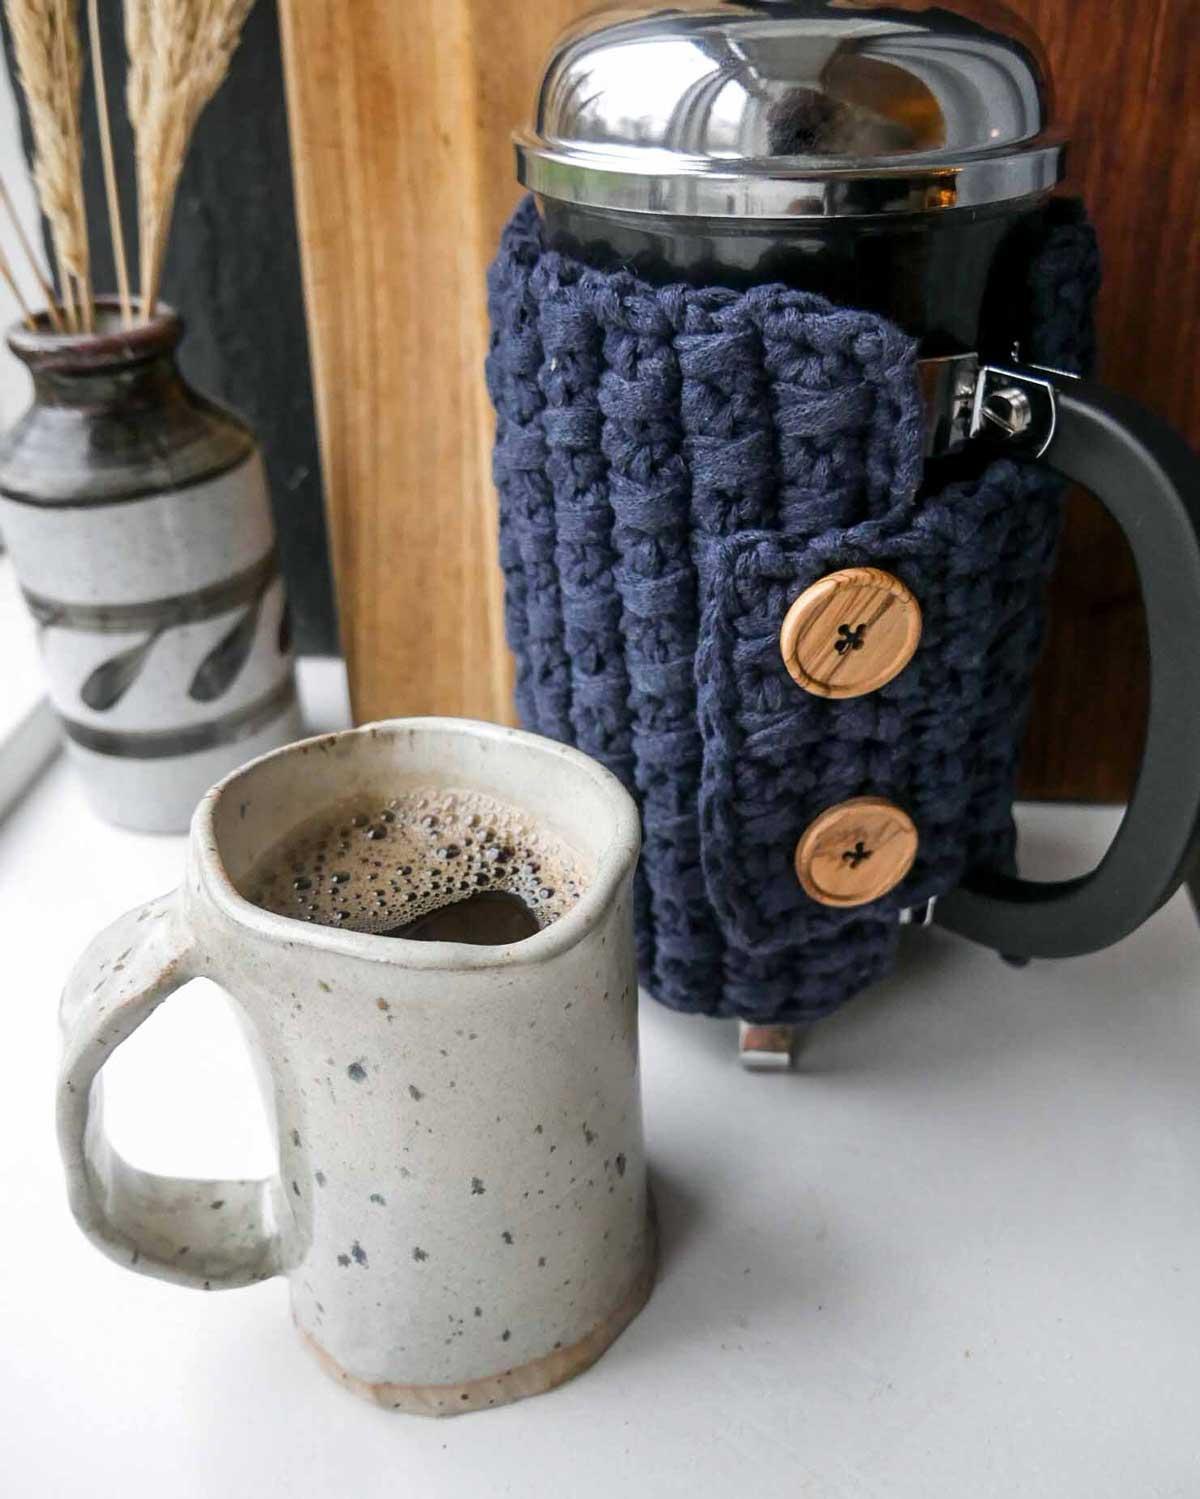 kaffevarmer og kaffefrakke til stempelkande